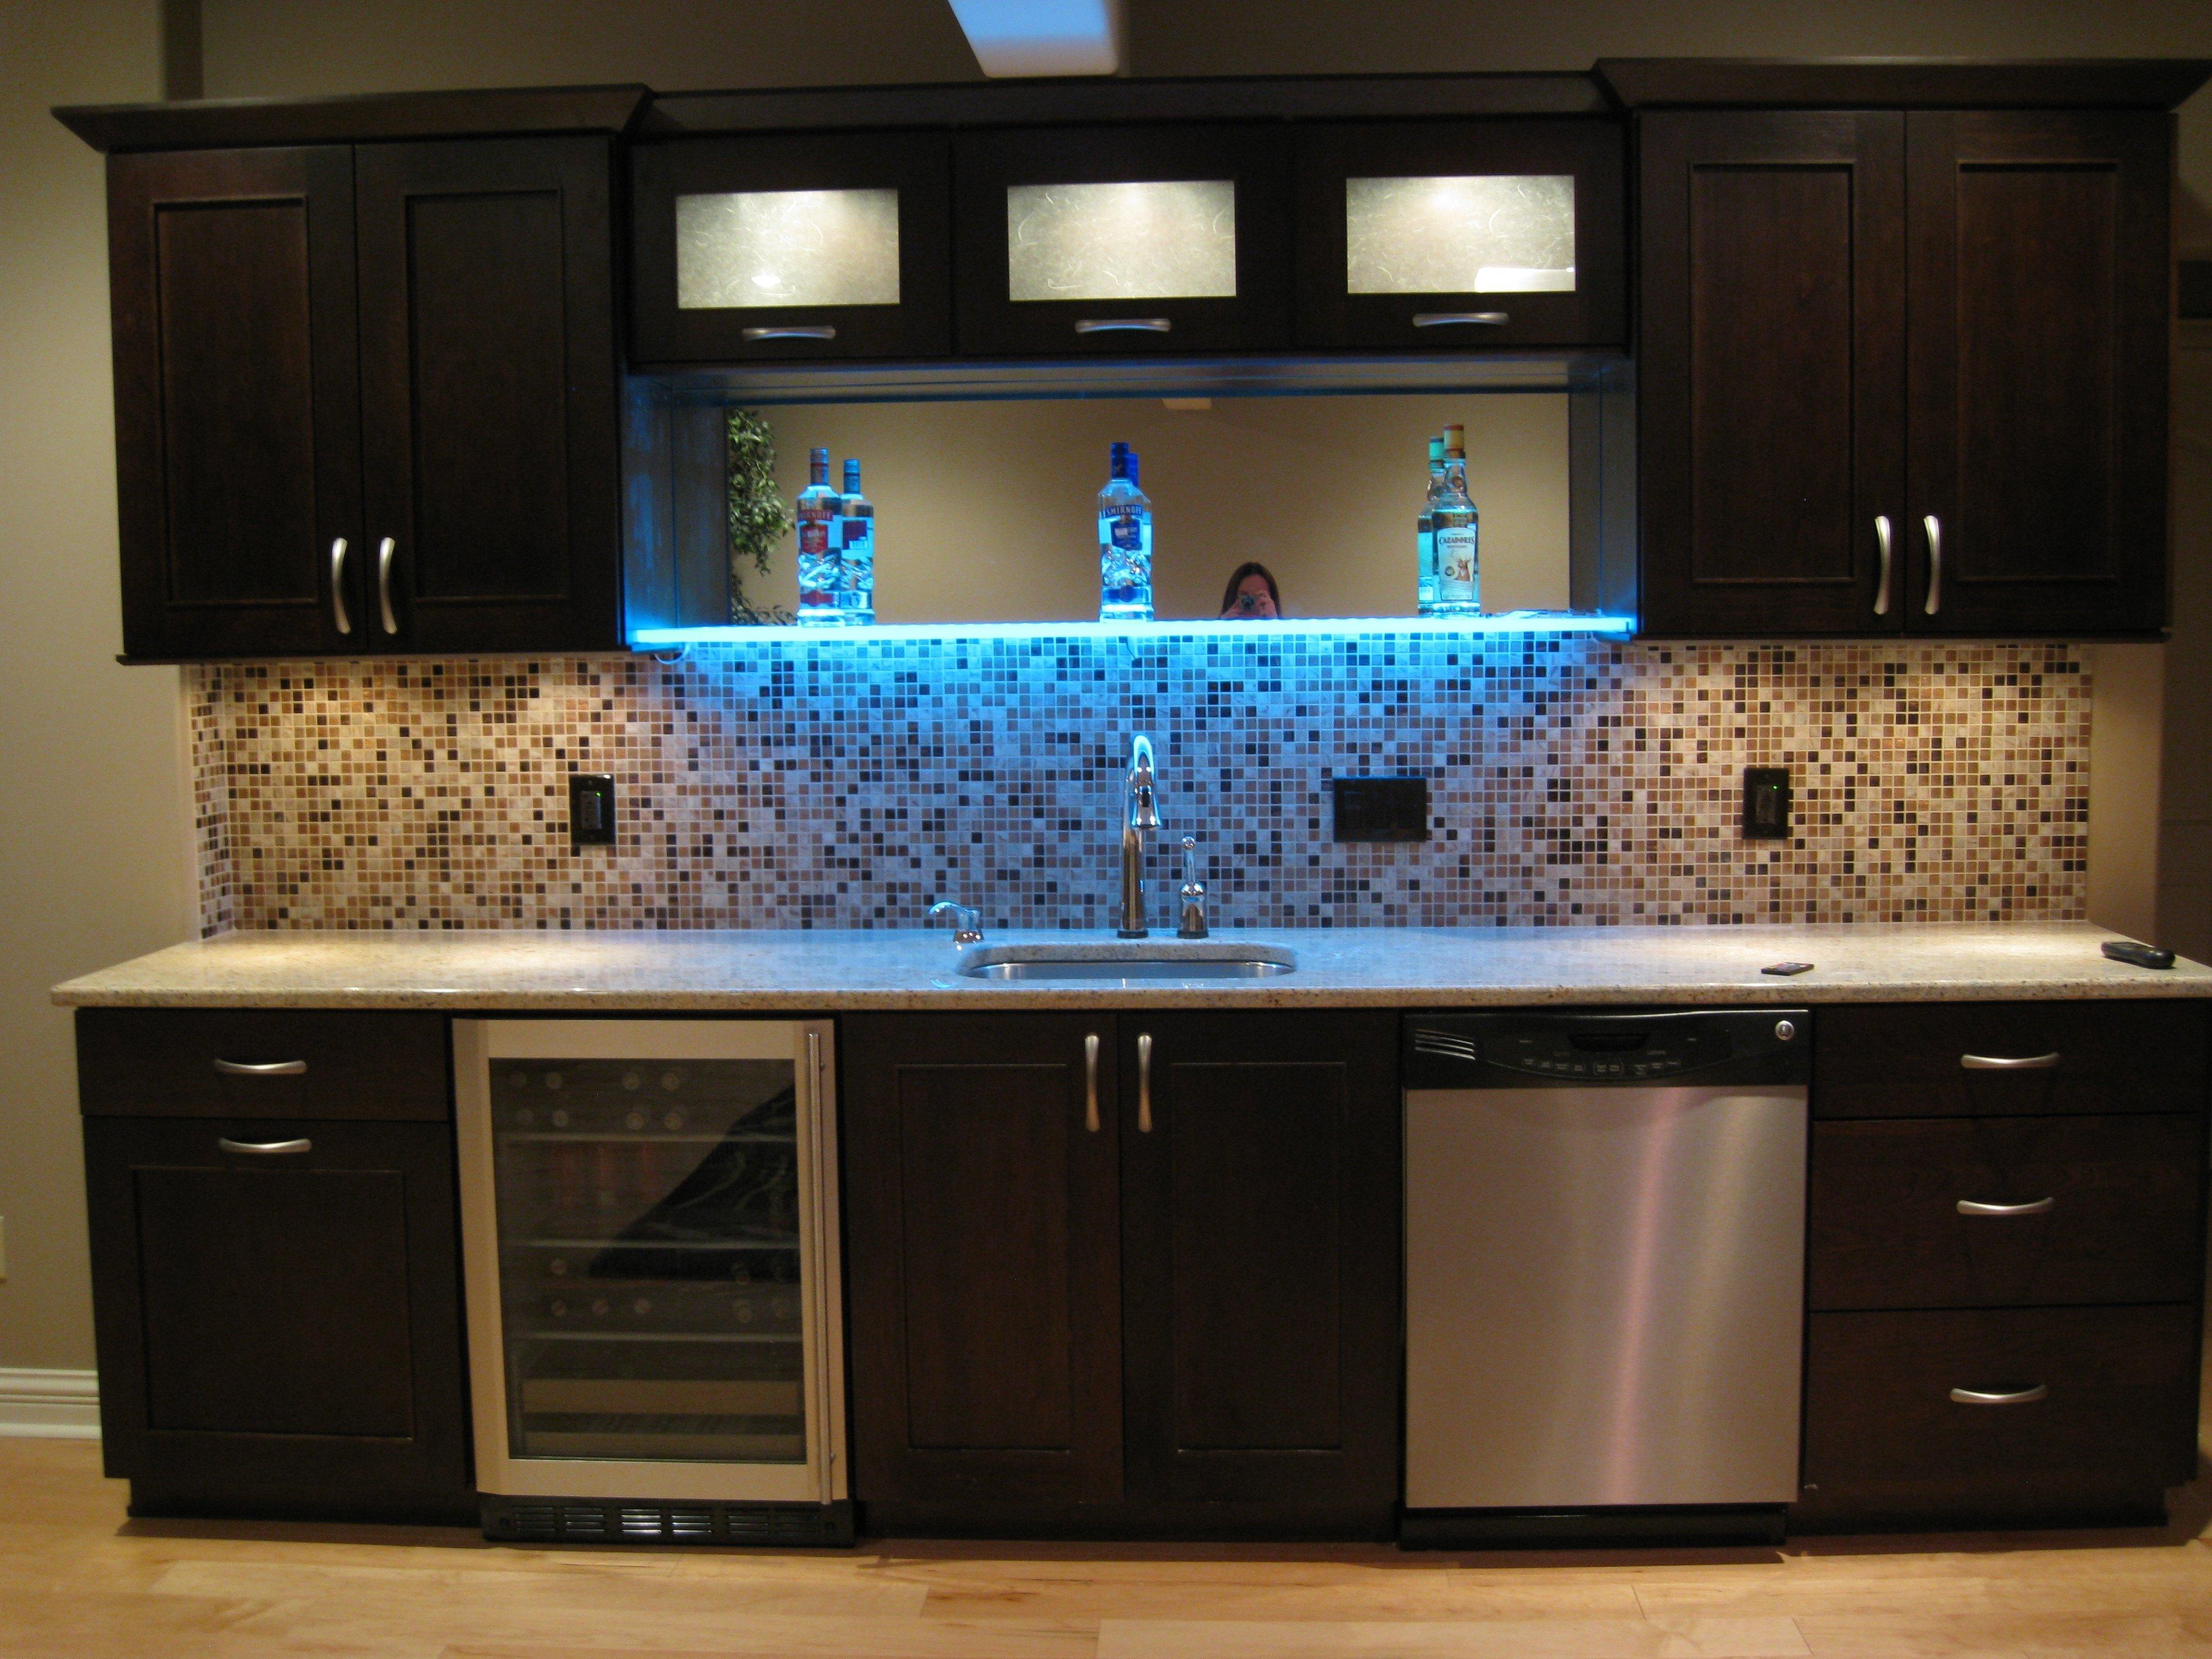 10 Unique Home Bar Ideas On A Budget home bar ideas on a budget home design 1 2020